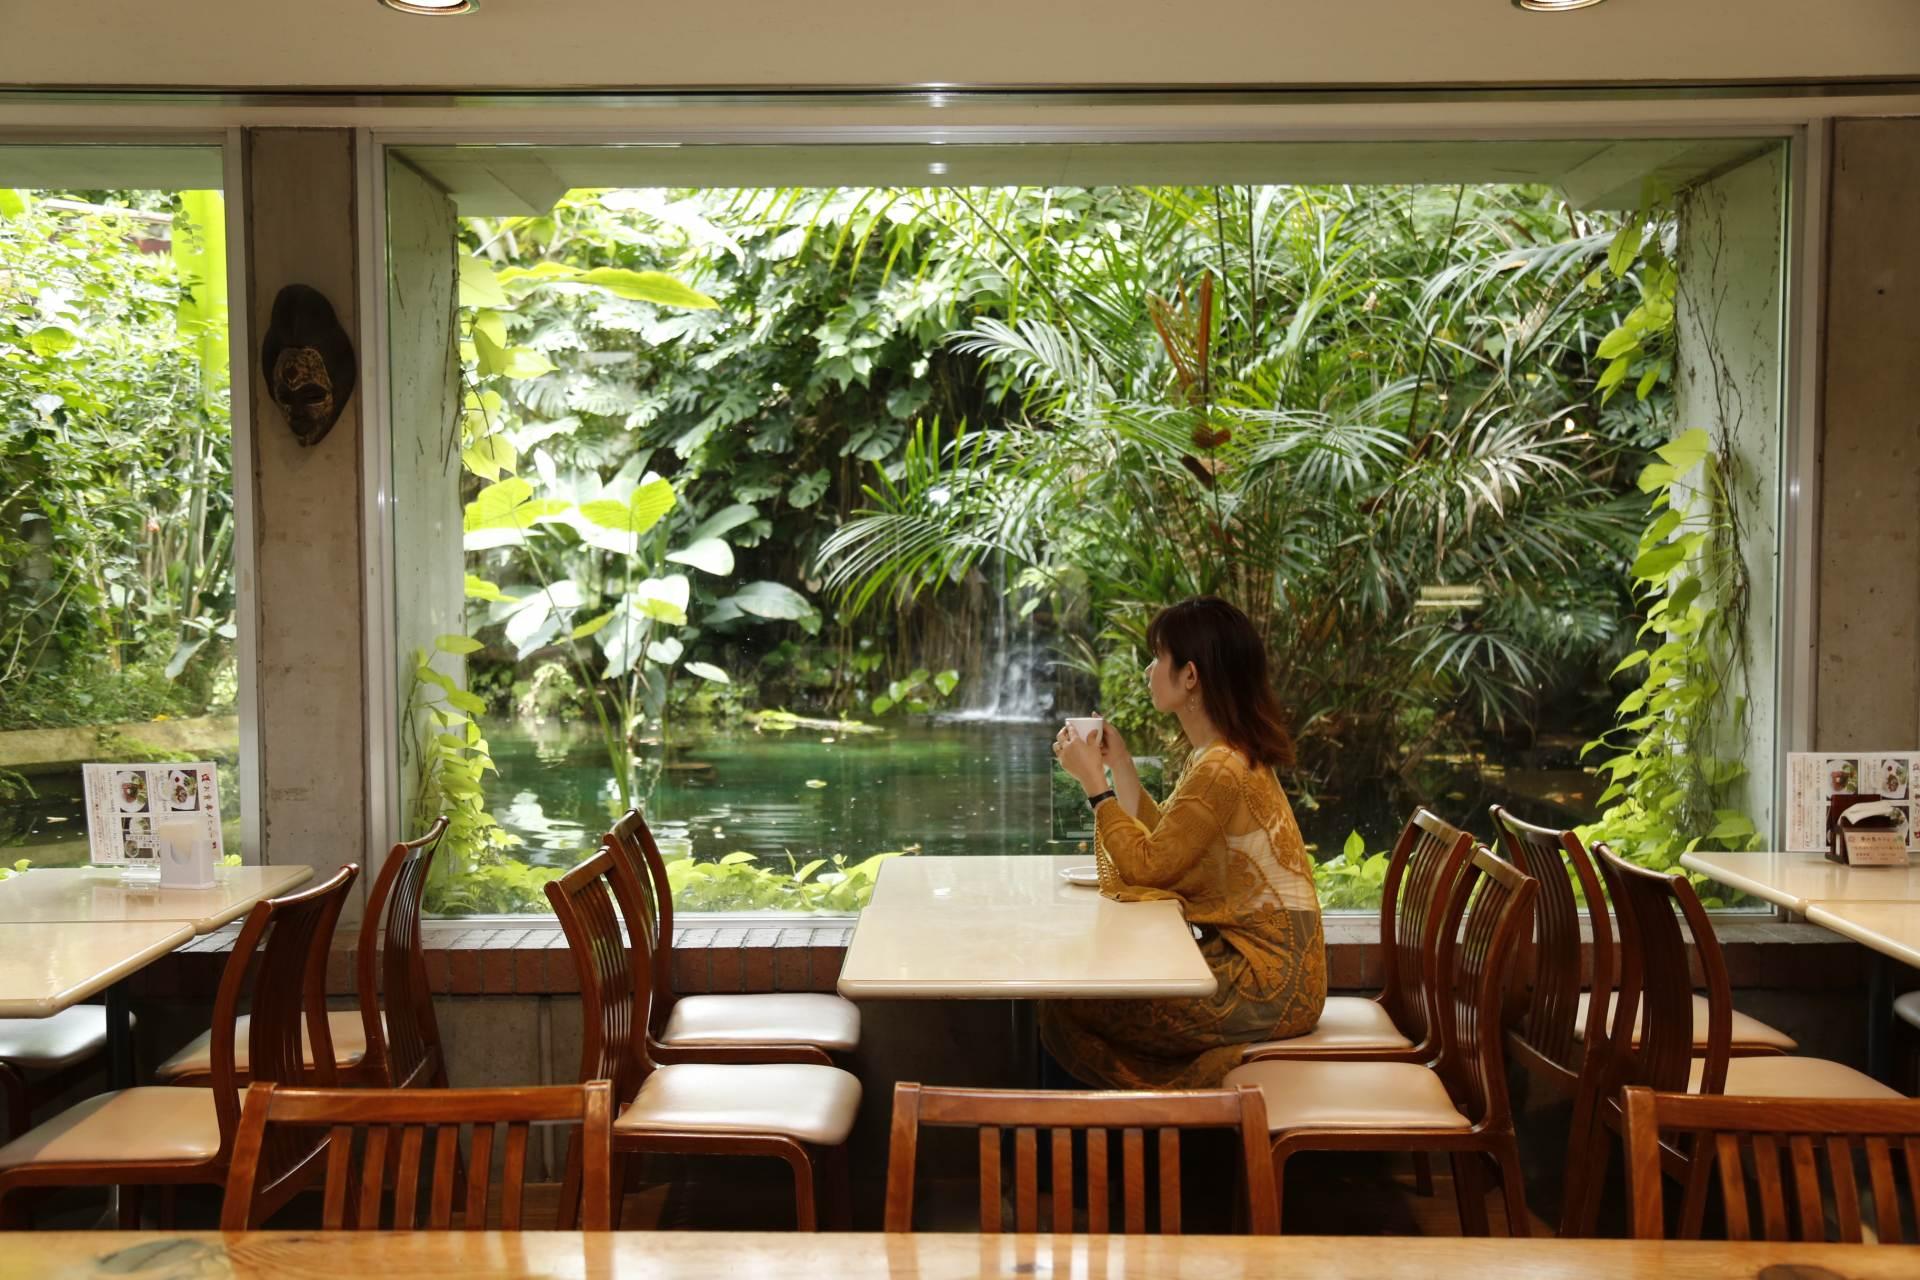 能欣赏到植物的咖啡厅内观